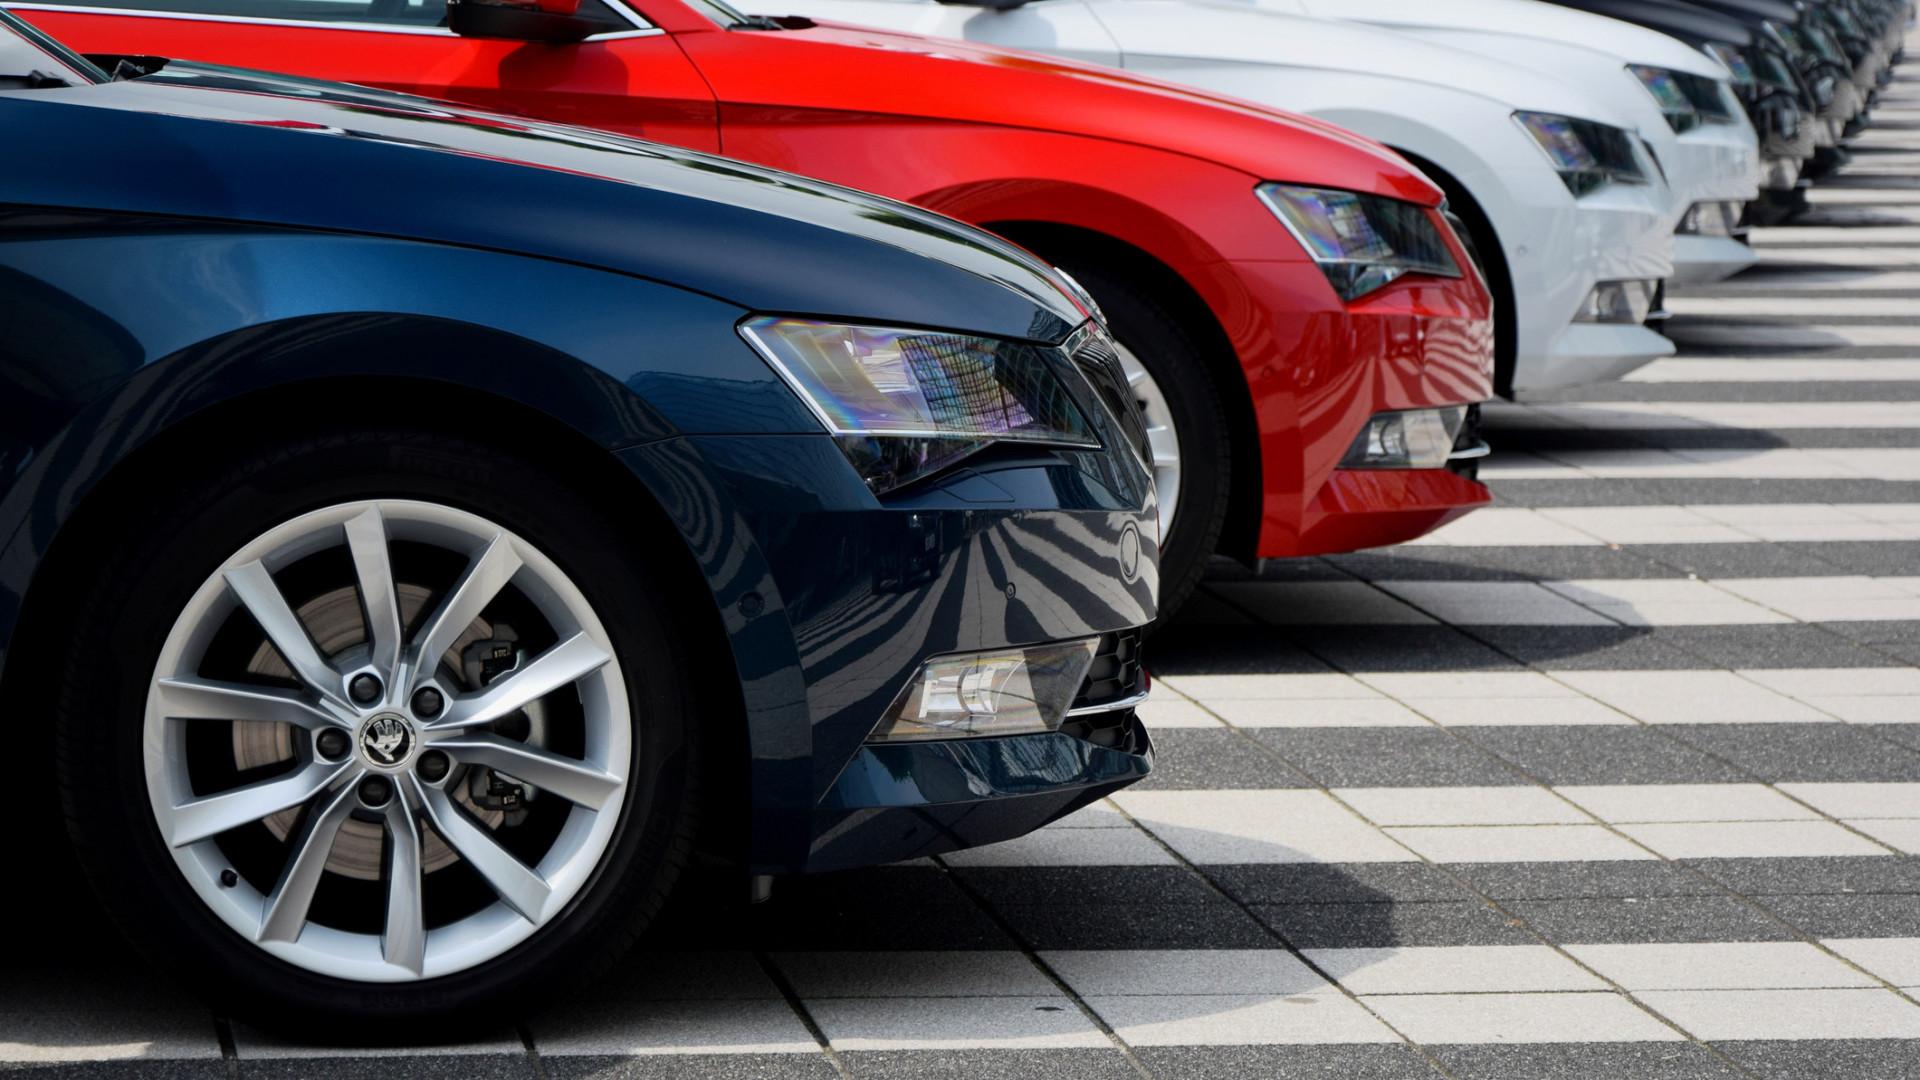 Mercado automóvel volta a cair em outubro com descida de 9,1% de registos